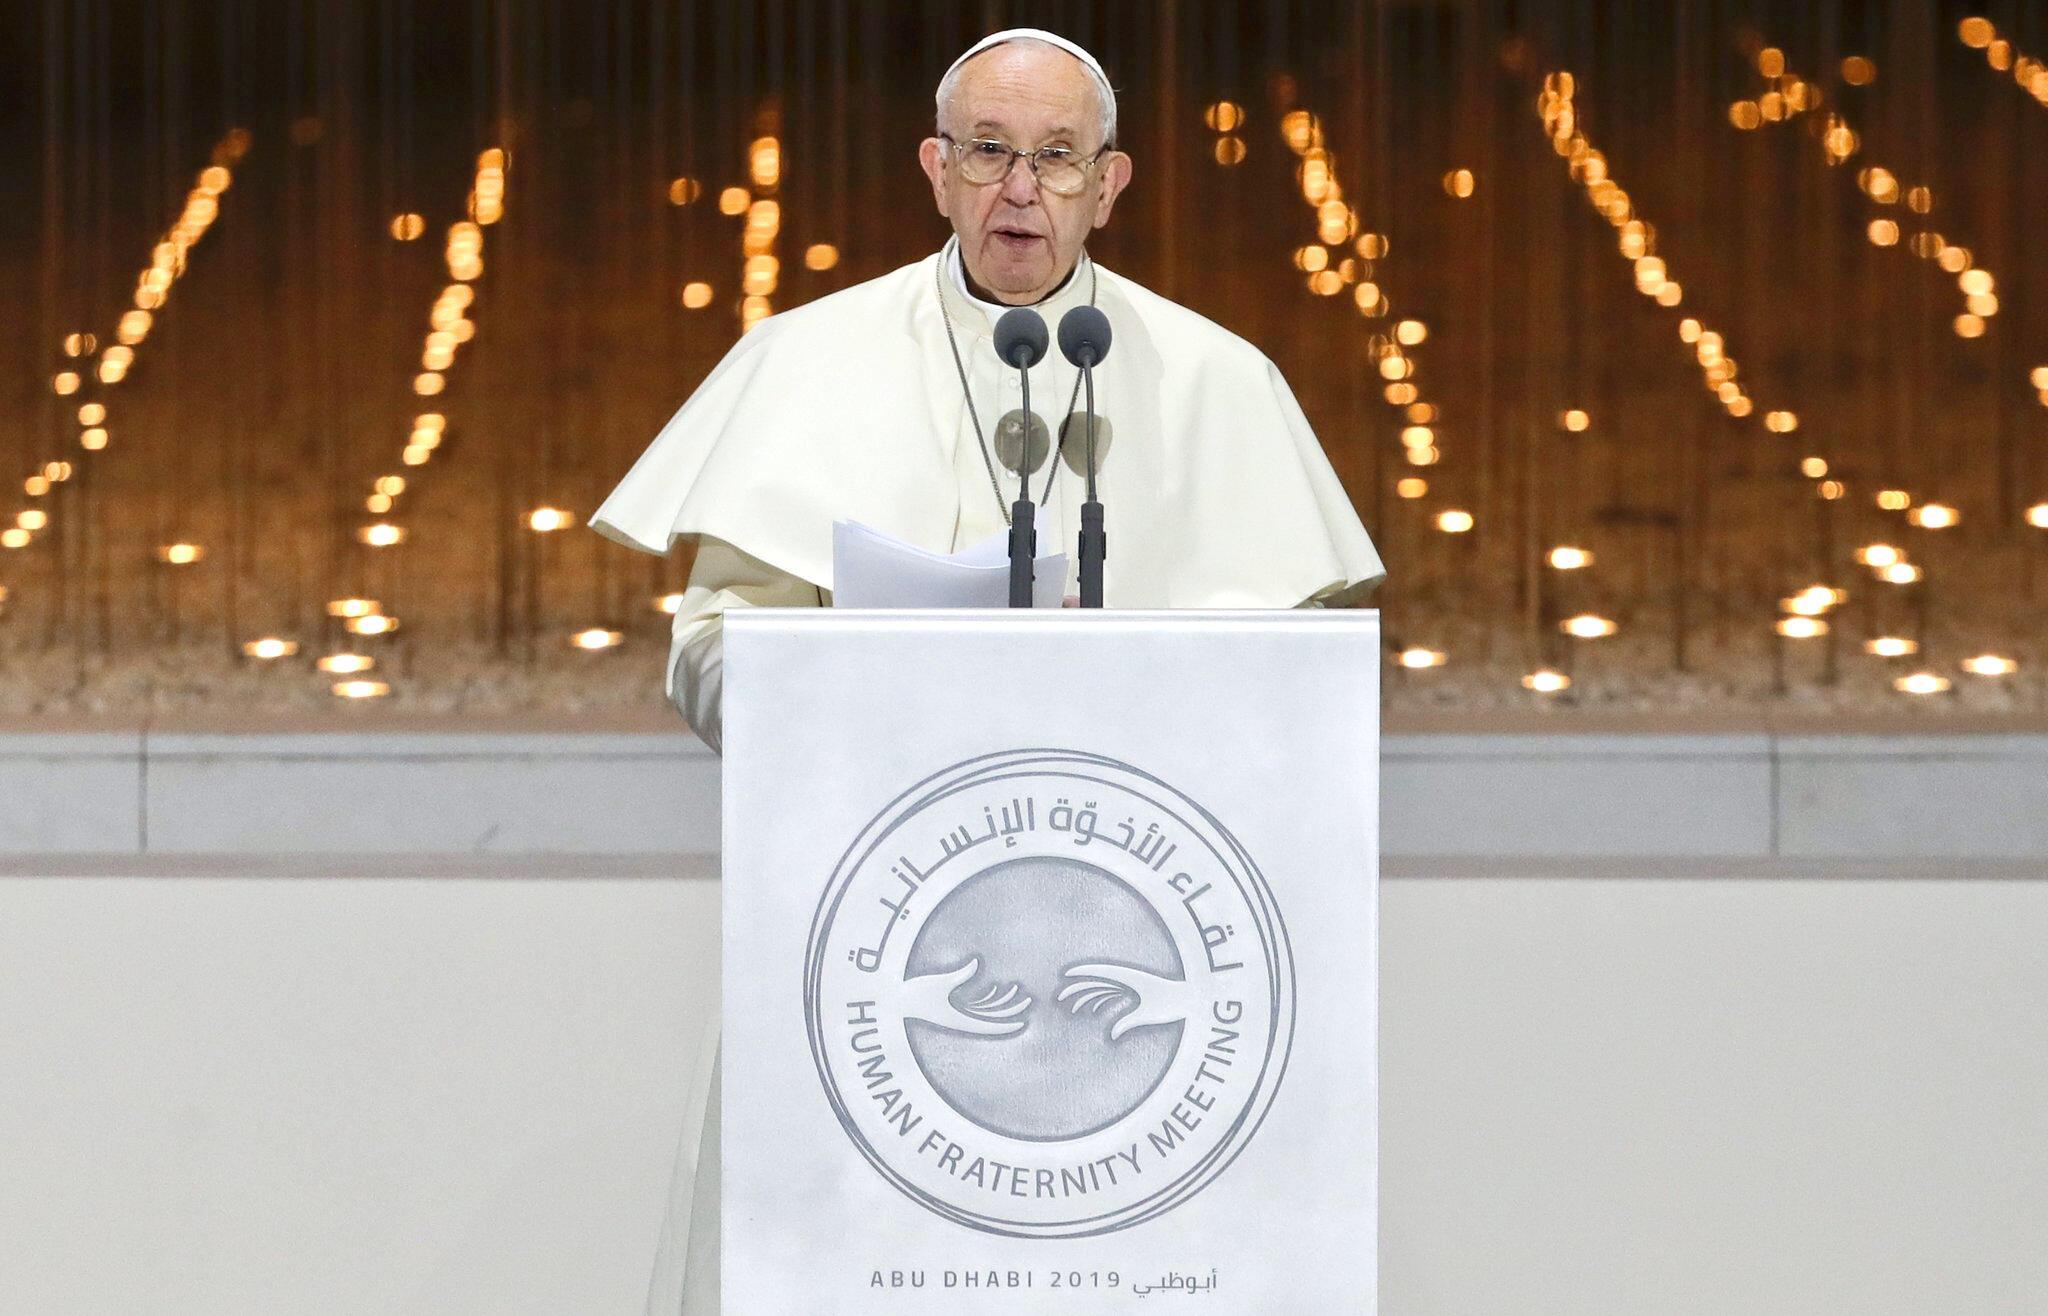 Bild zu Papst besucht die Vereinigten Arabischen Emirate